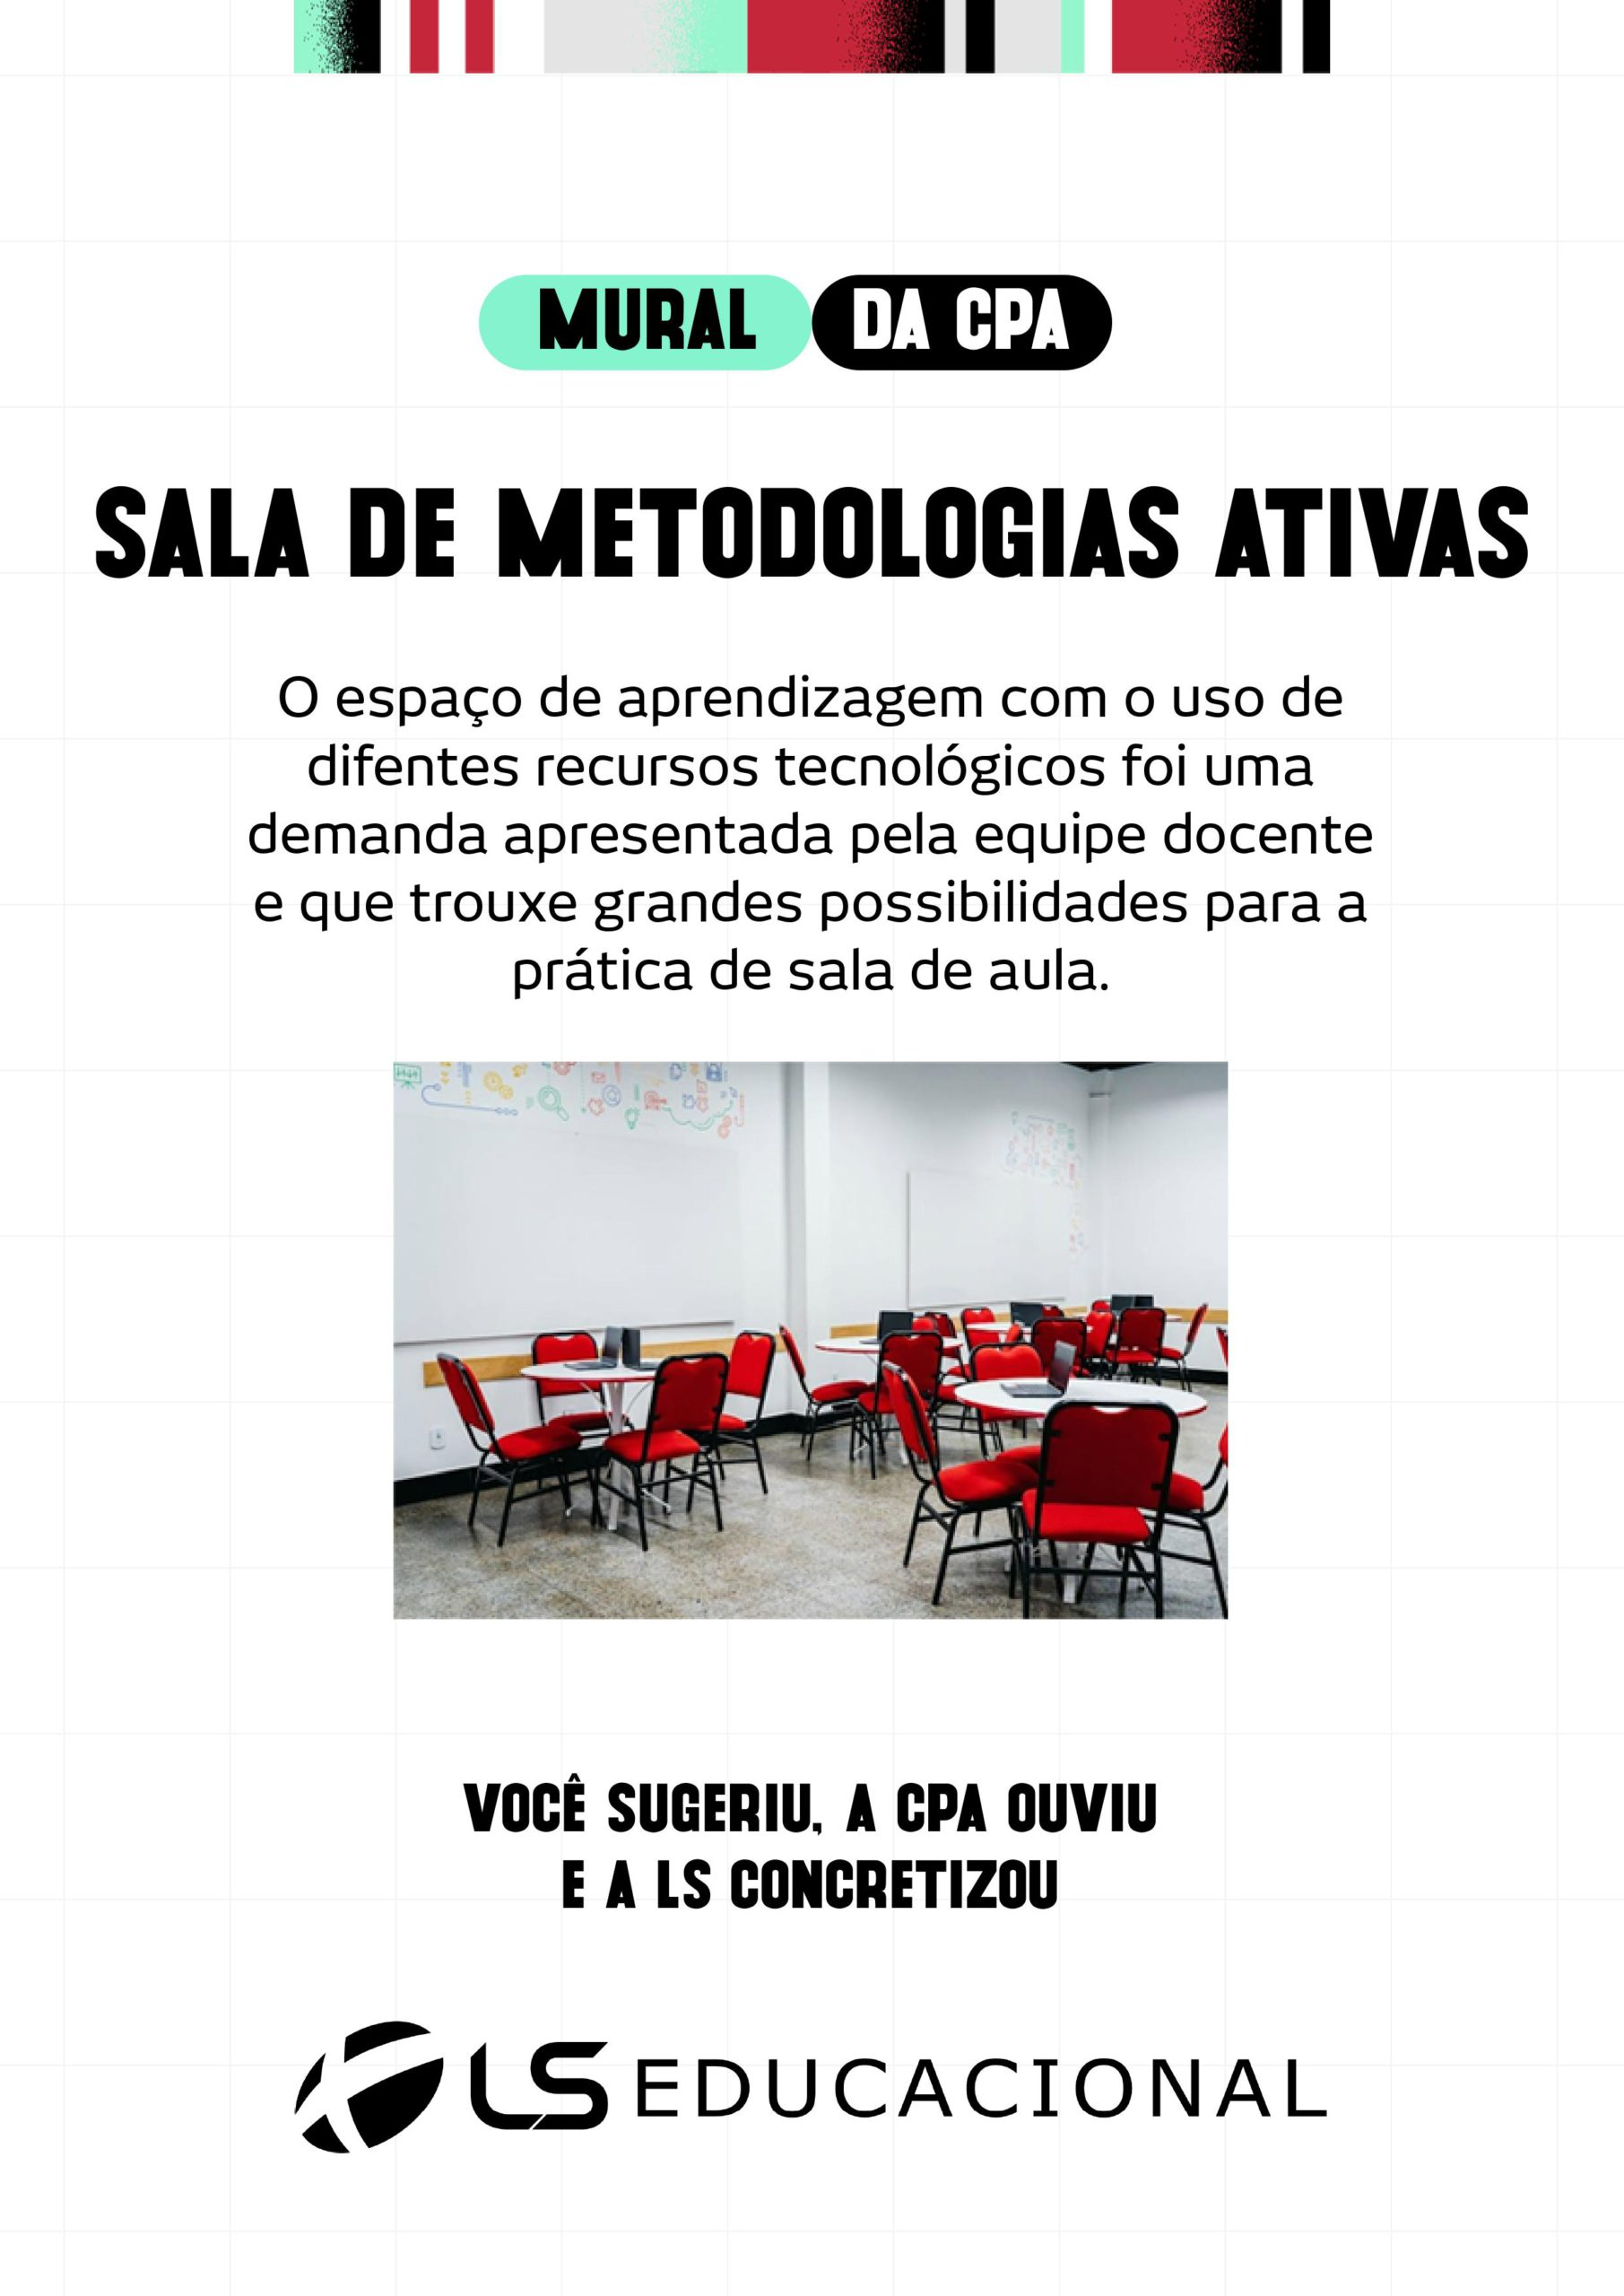 SALA DE METODOLOGIAS ATIVAS